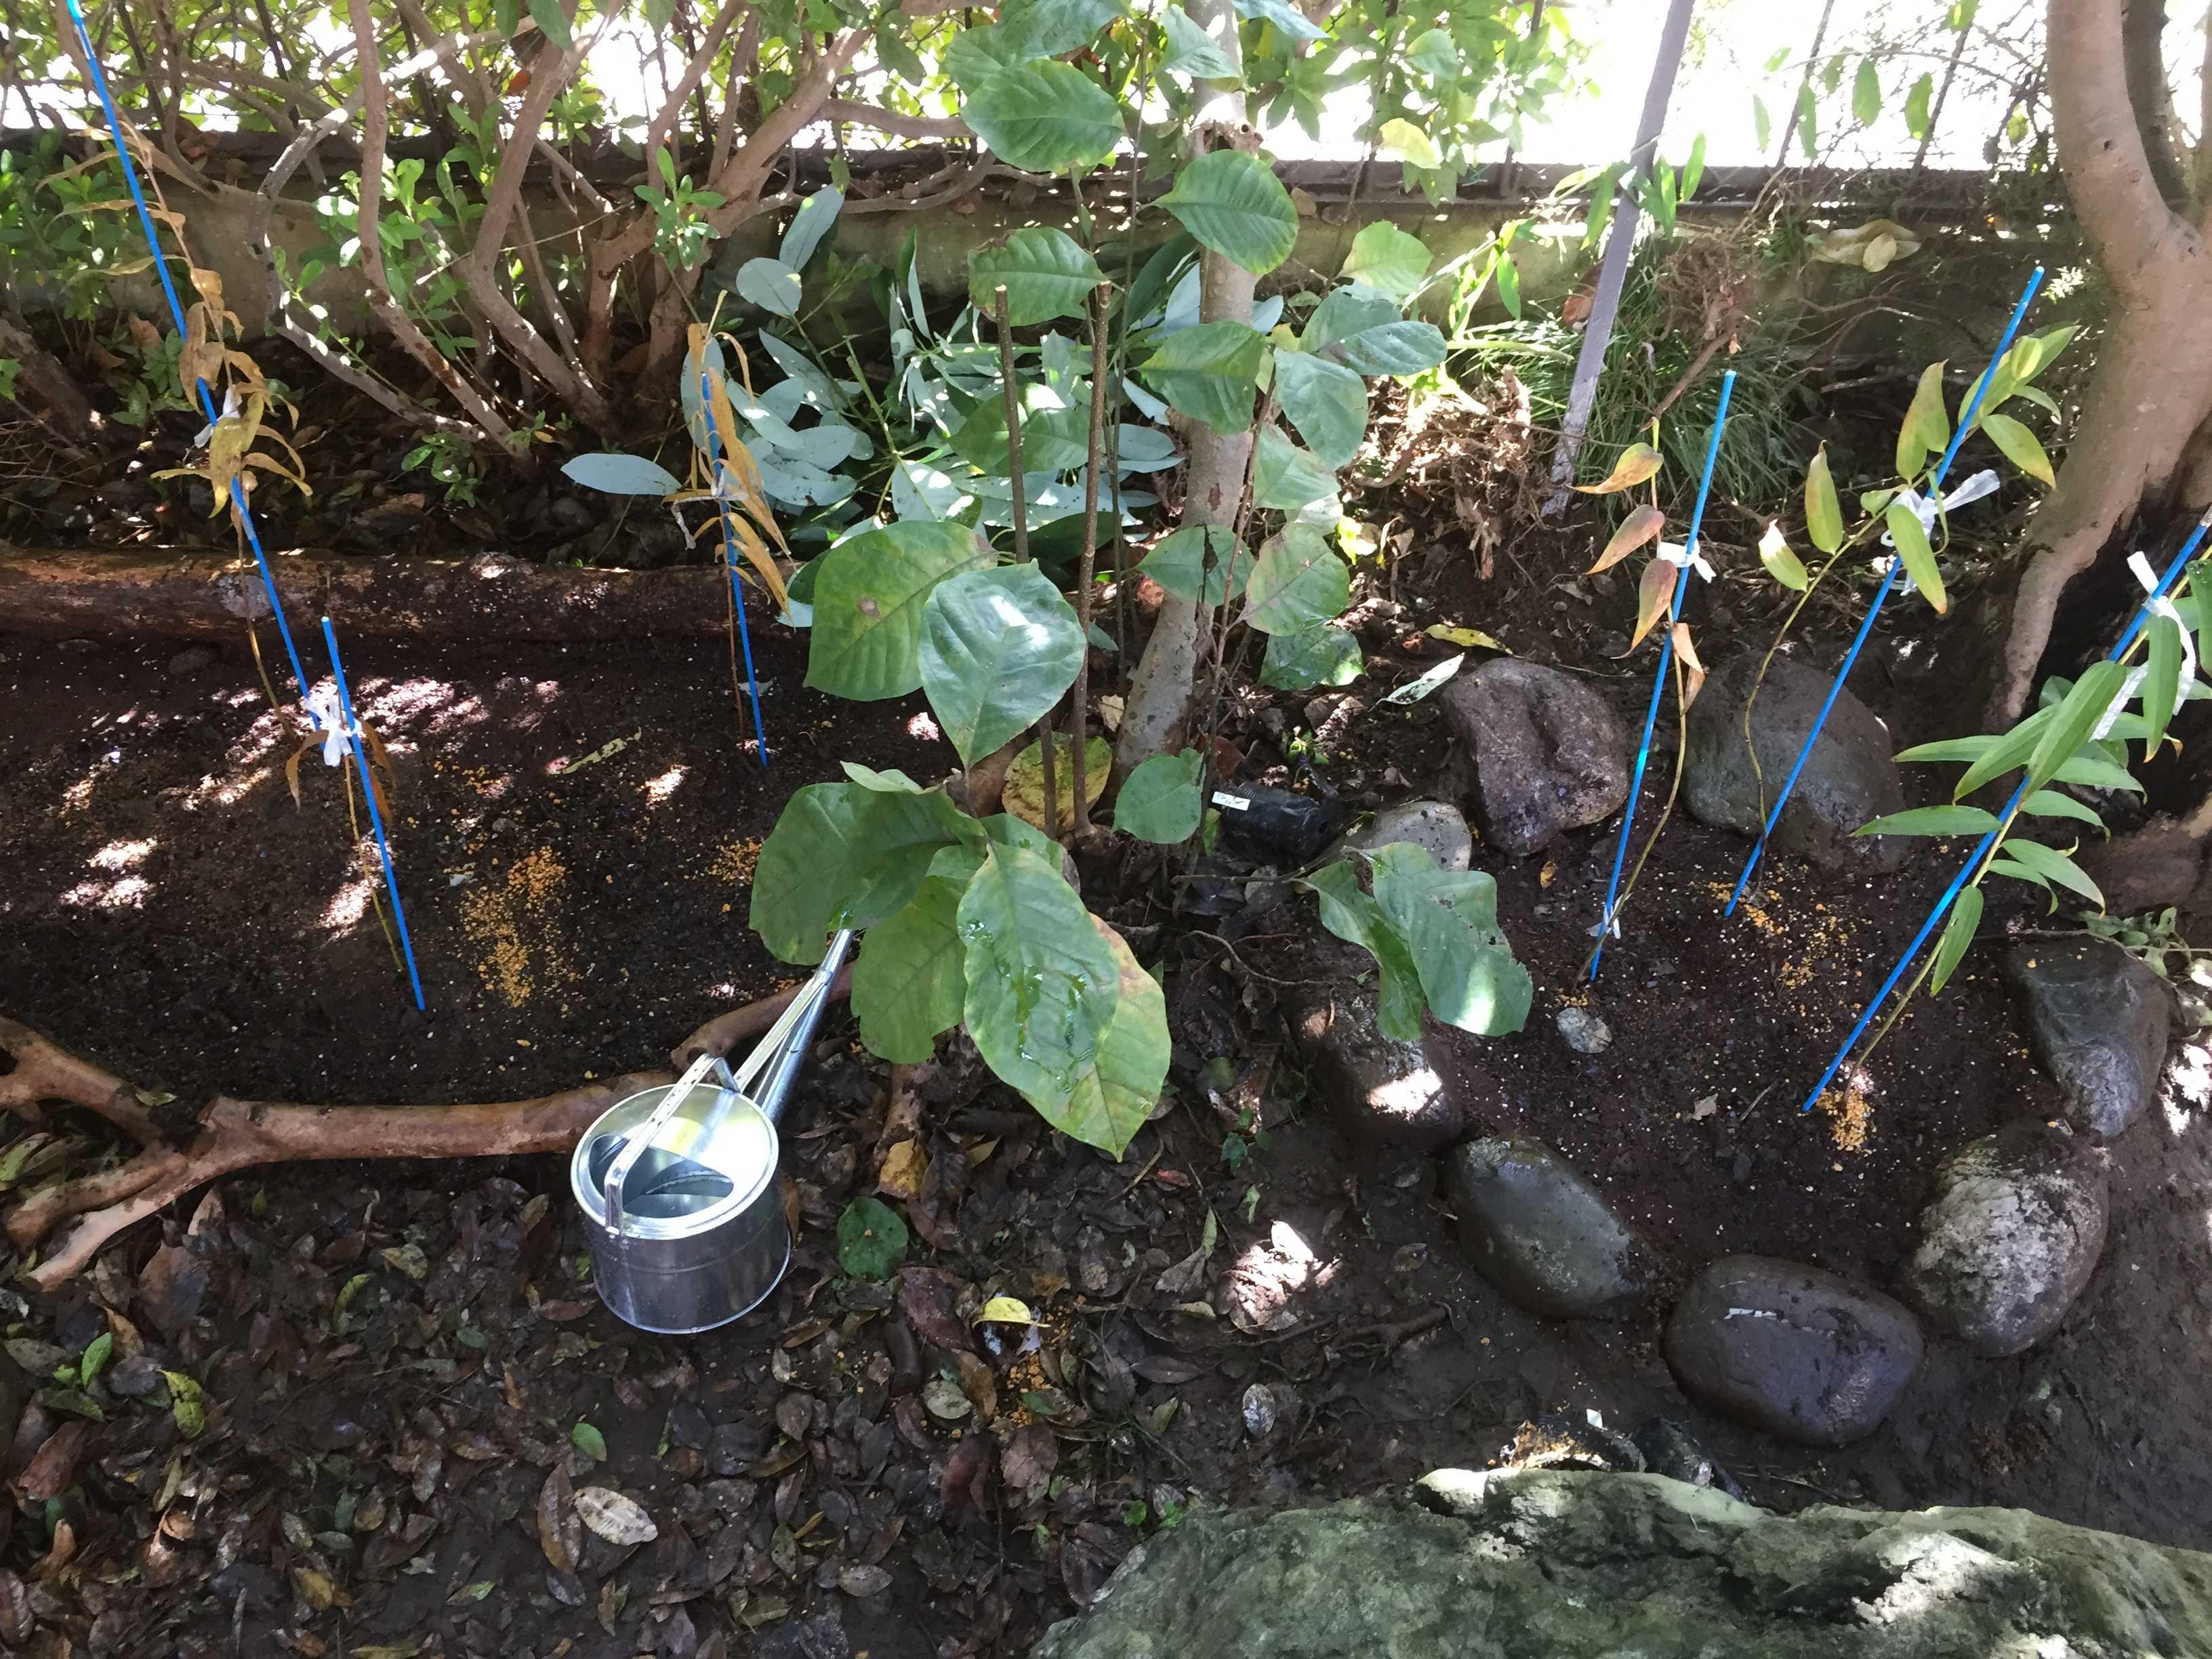 ヤマユリ庭植え - 苗木